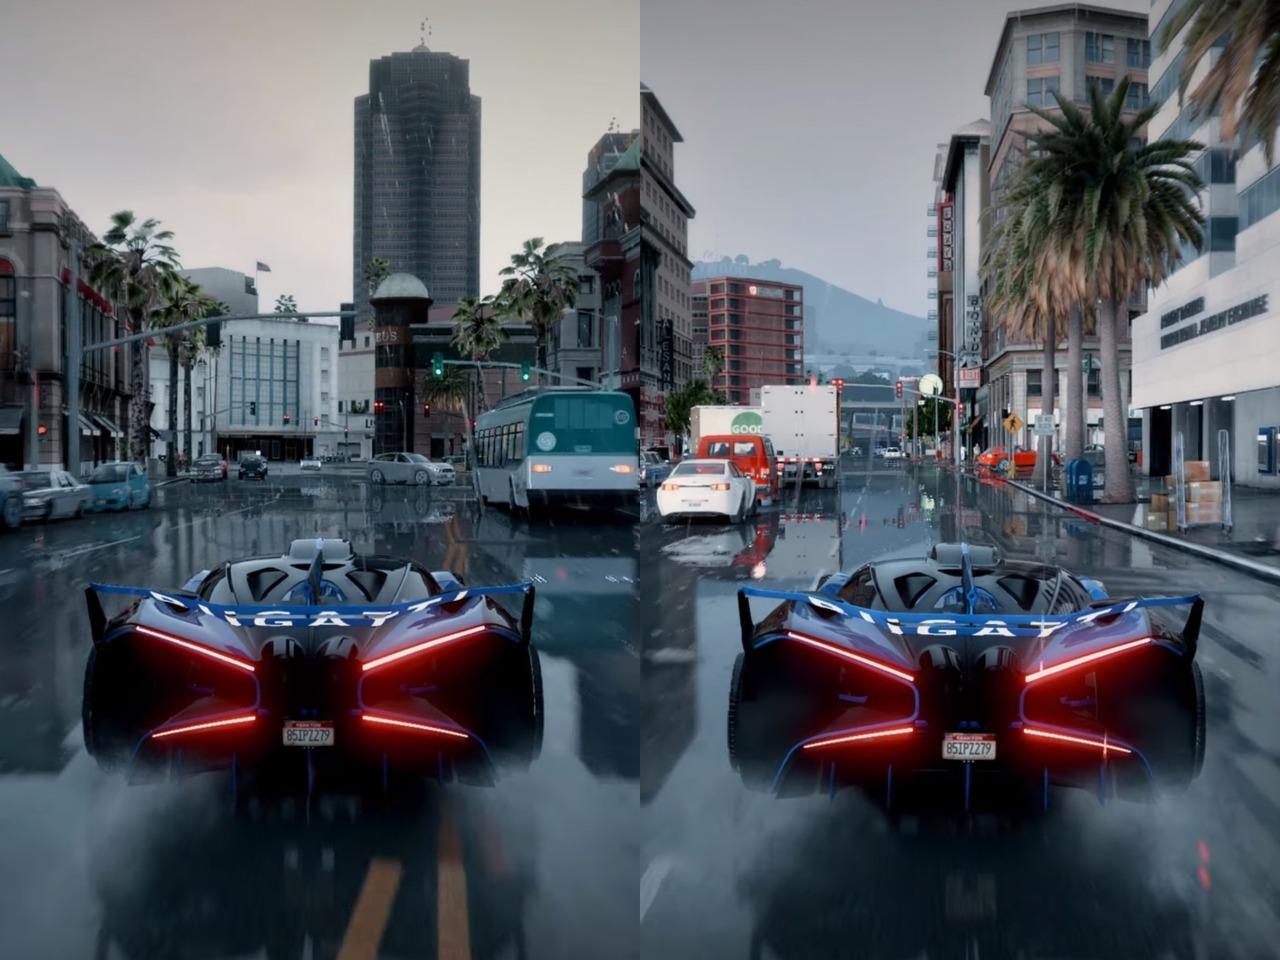 Демонстрация графики GTA 6 в GTA 5 Remastered впечатлила и ввела в заблуждение фанатов игры